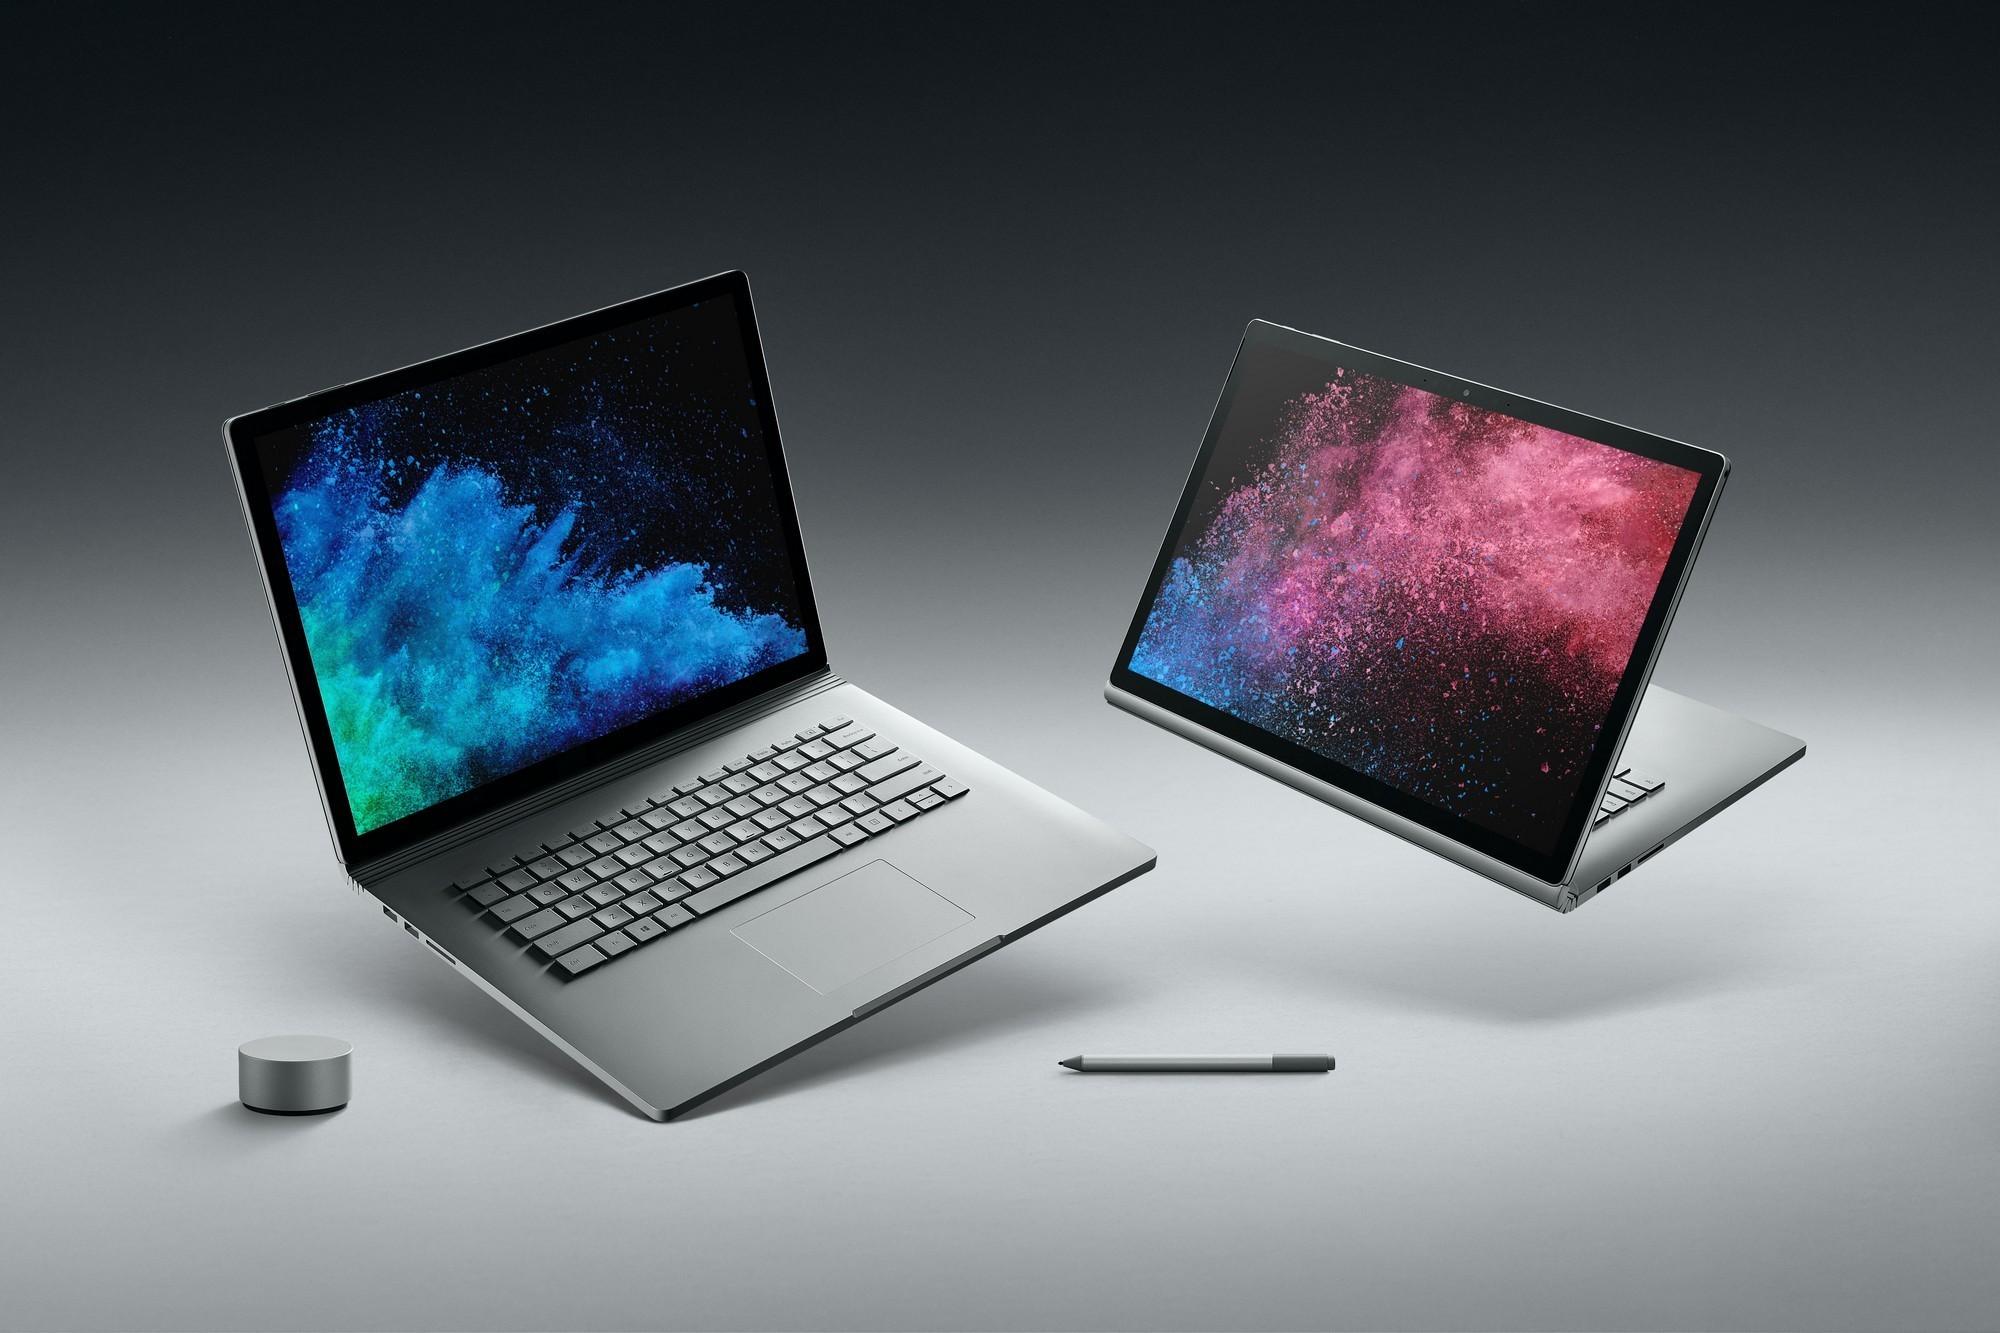 Microsoft Surface Book 2 è ufficialmente disponibile: caratteristiche, prezzi e versioni thumbnail